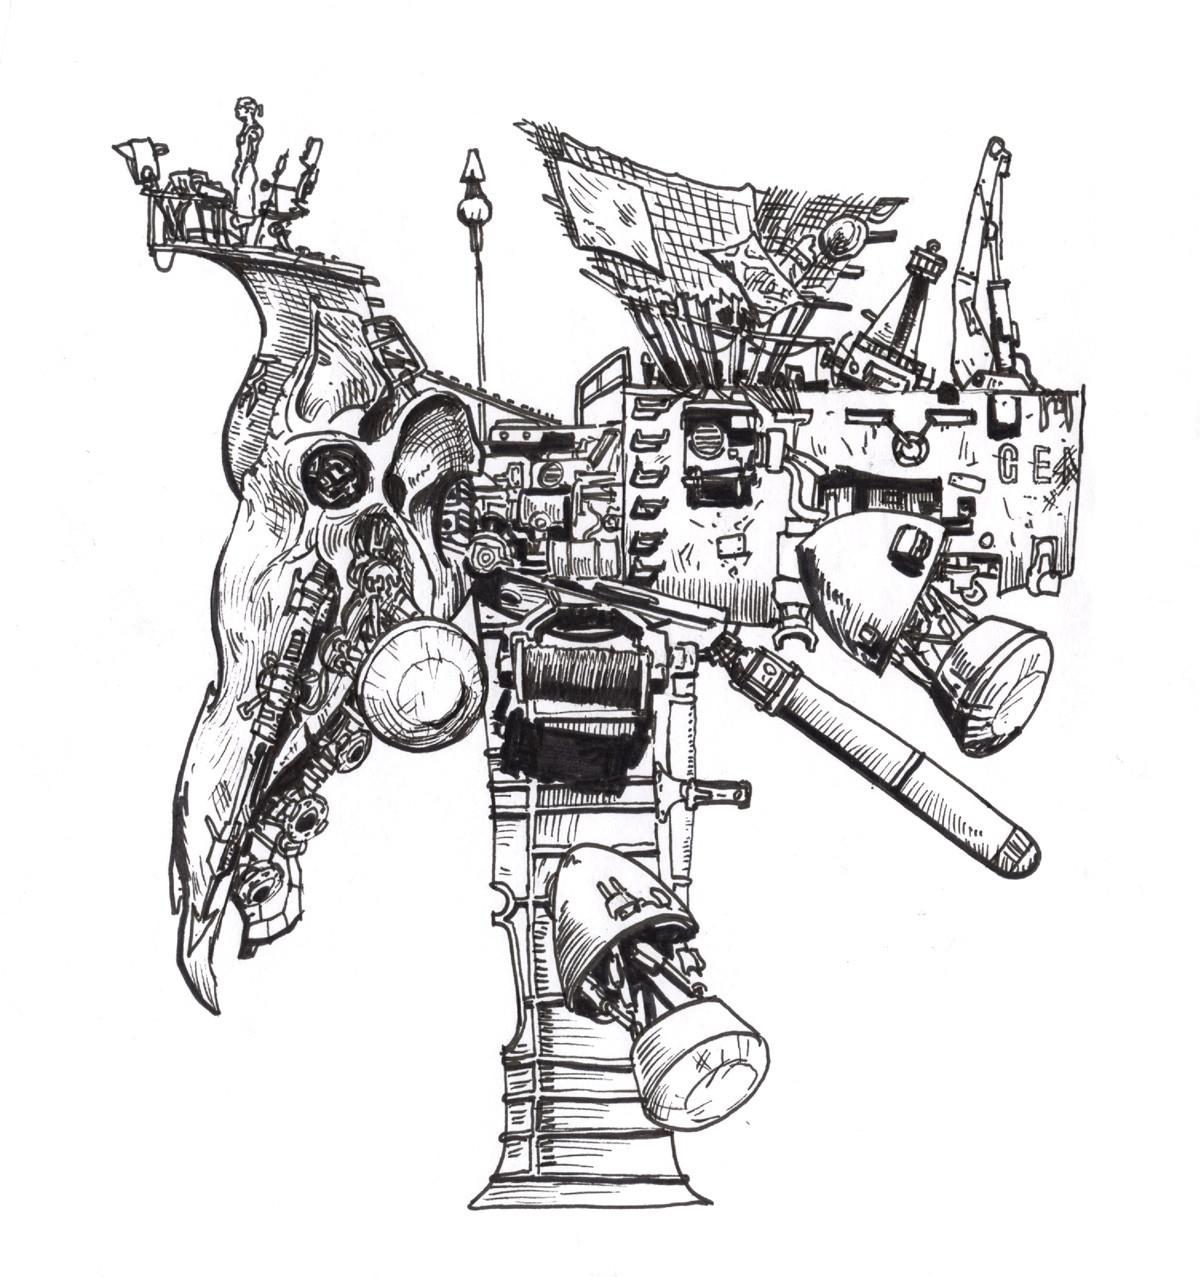 Dirk wachsmuth 03 ink sketch 02